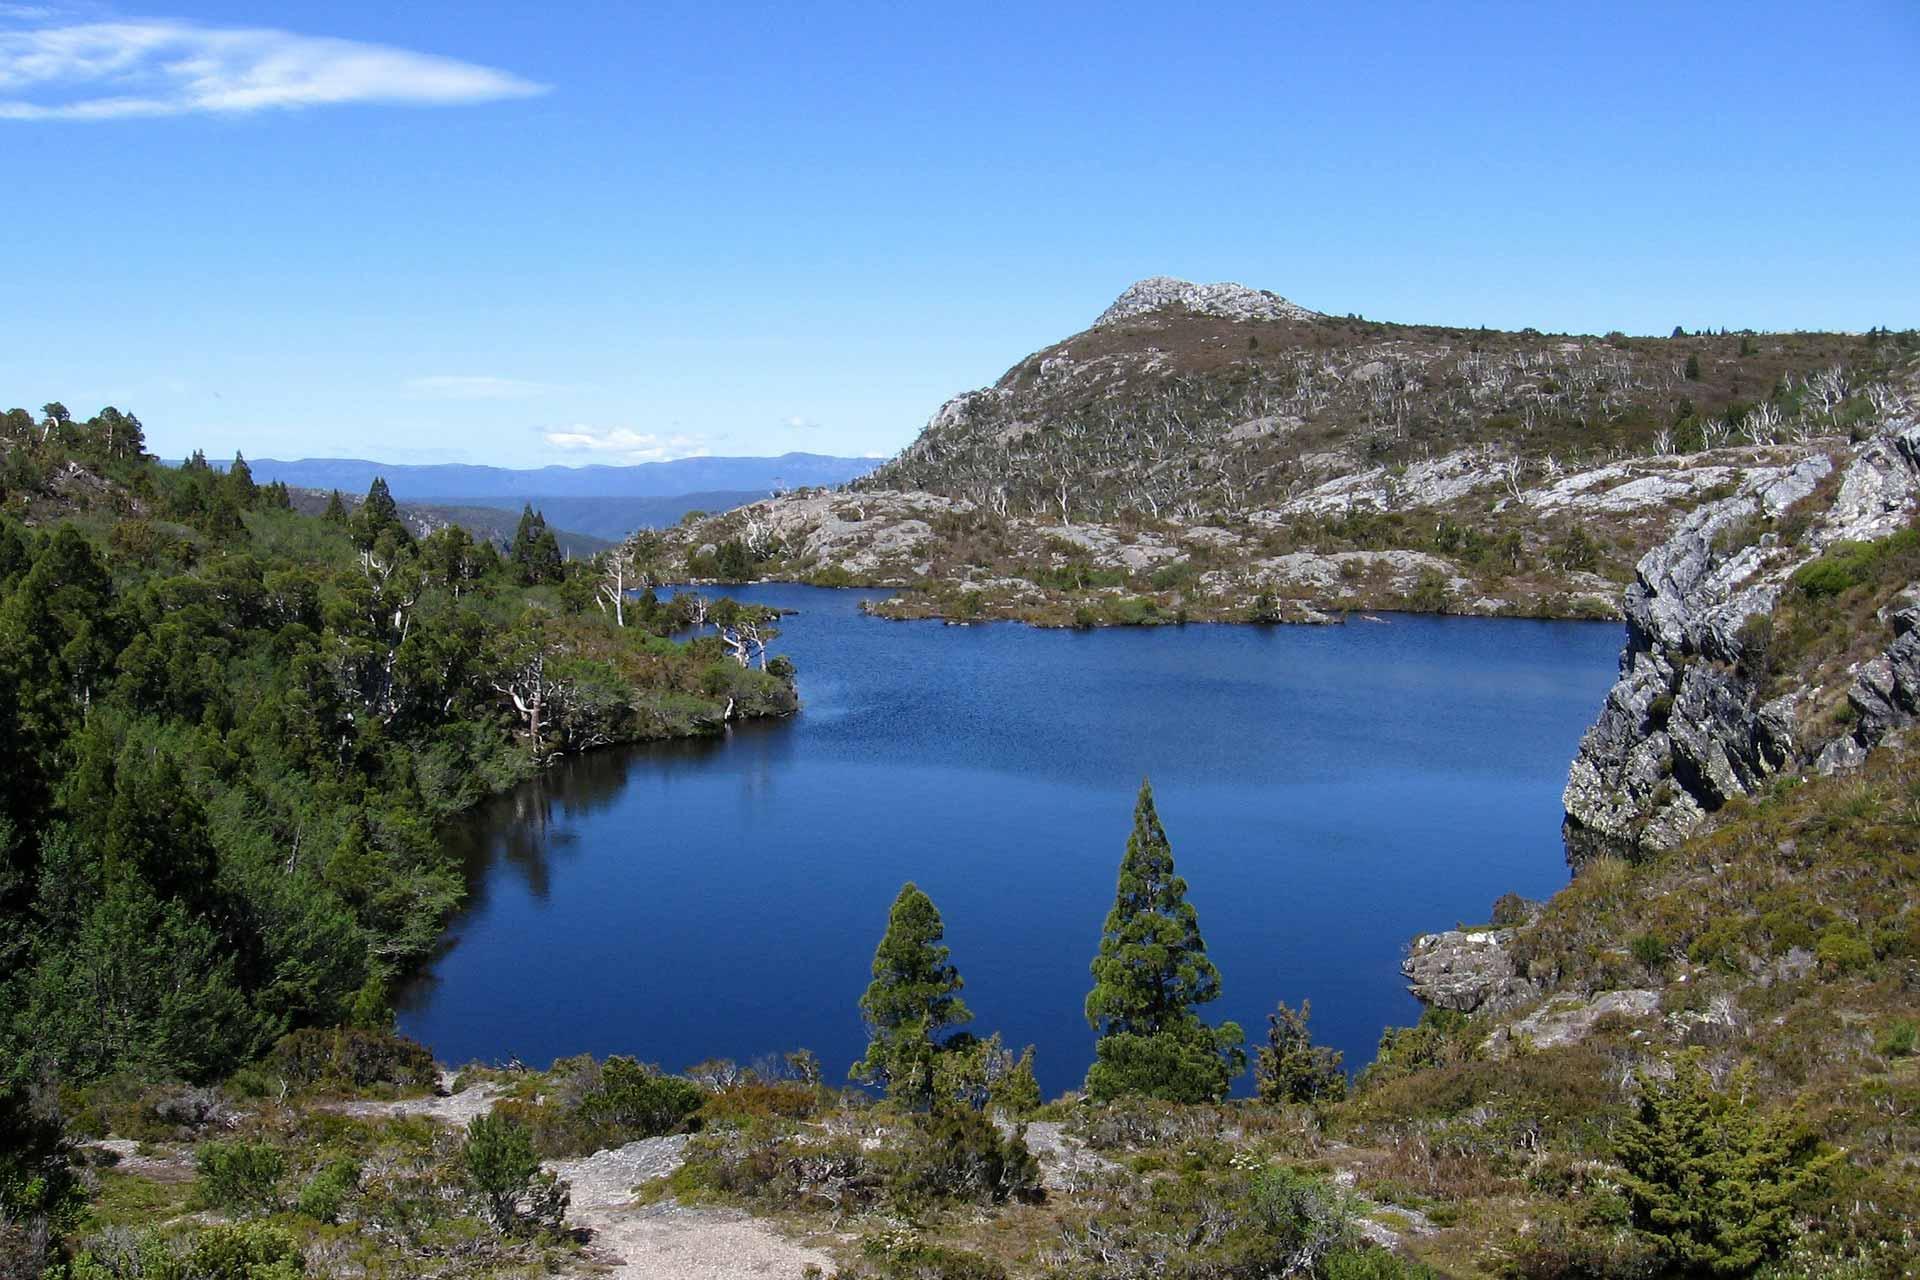 Lake St. Clair, Tasmania